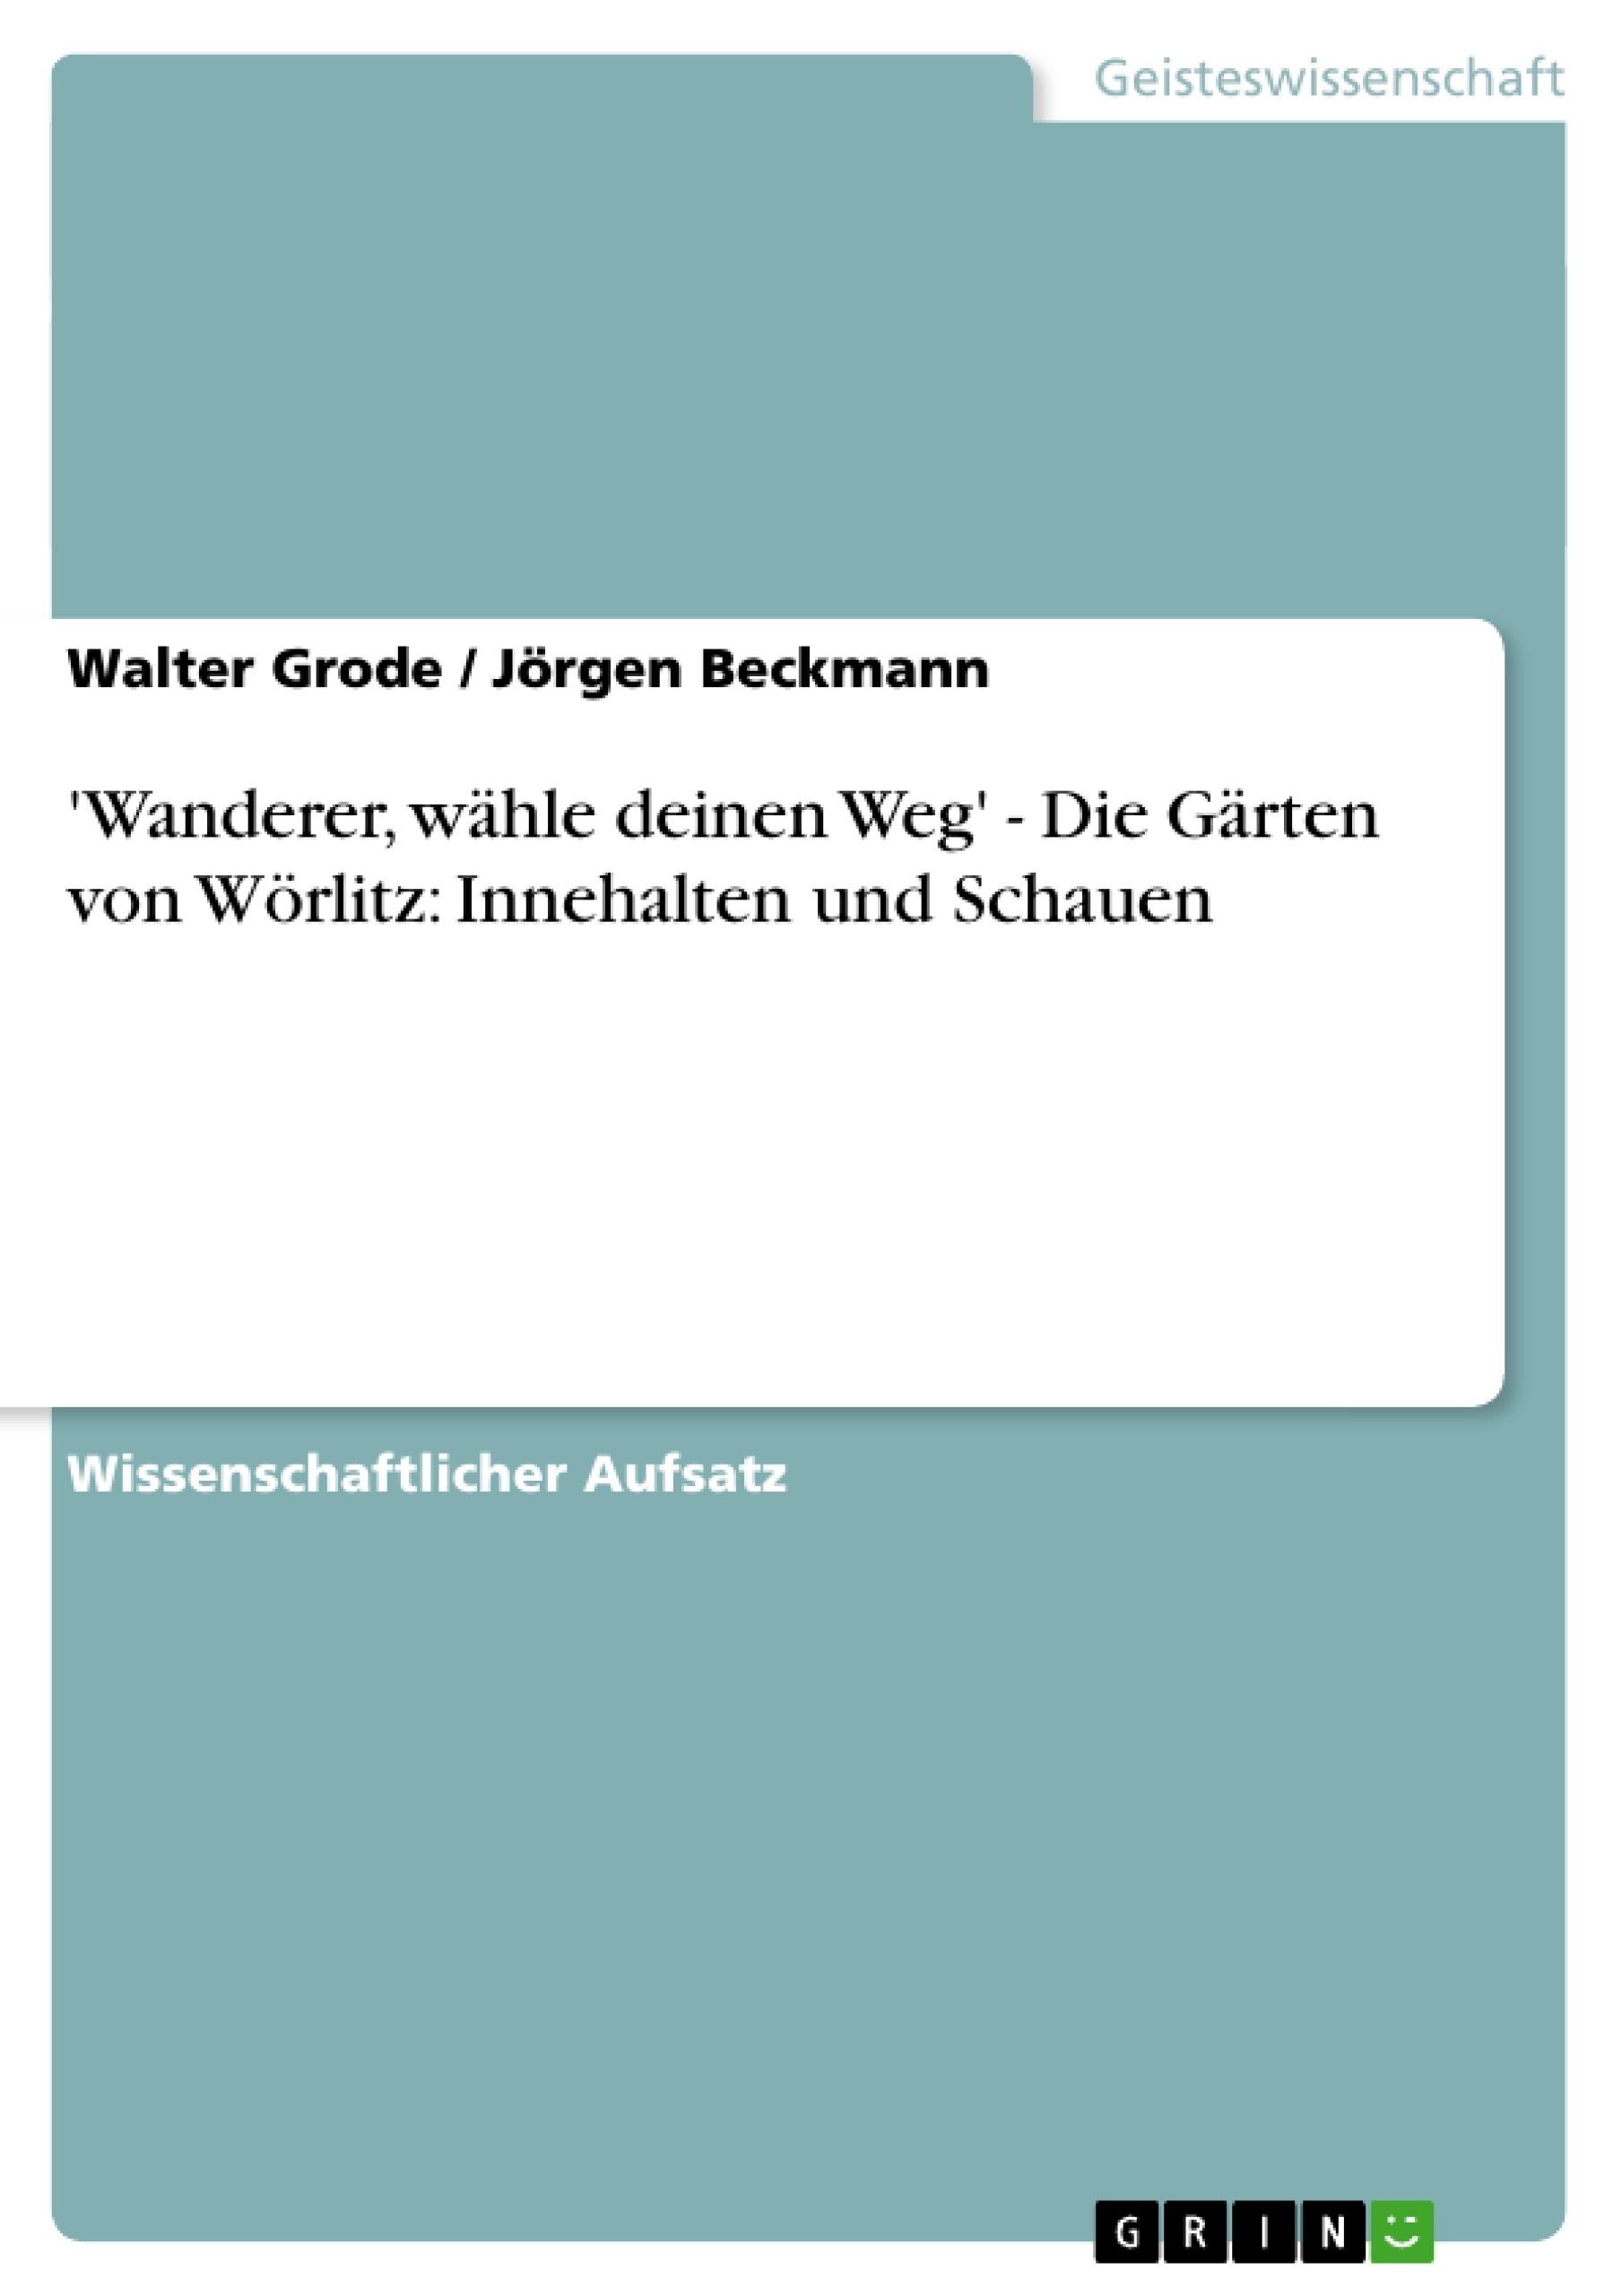 Titel: 'Wanderer, wähle deinen Weg' - Die Gärten von Wörlitz: Innehalten und Schauen